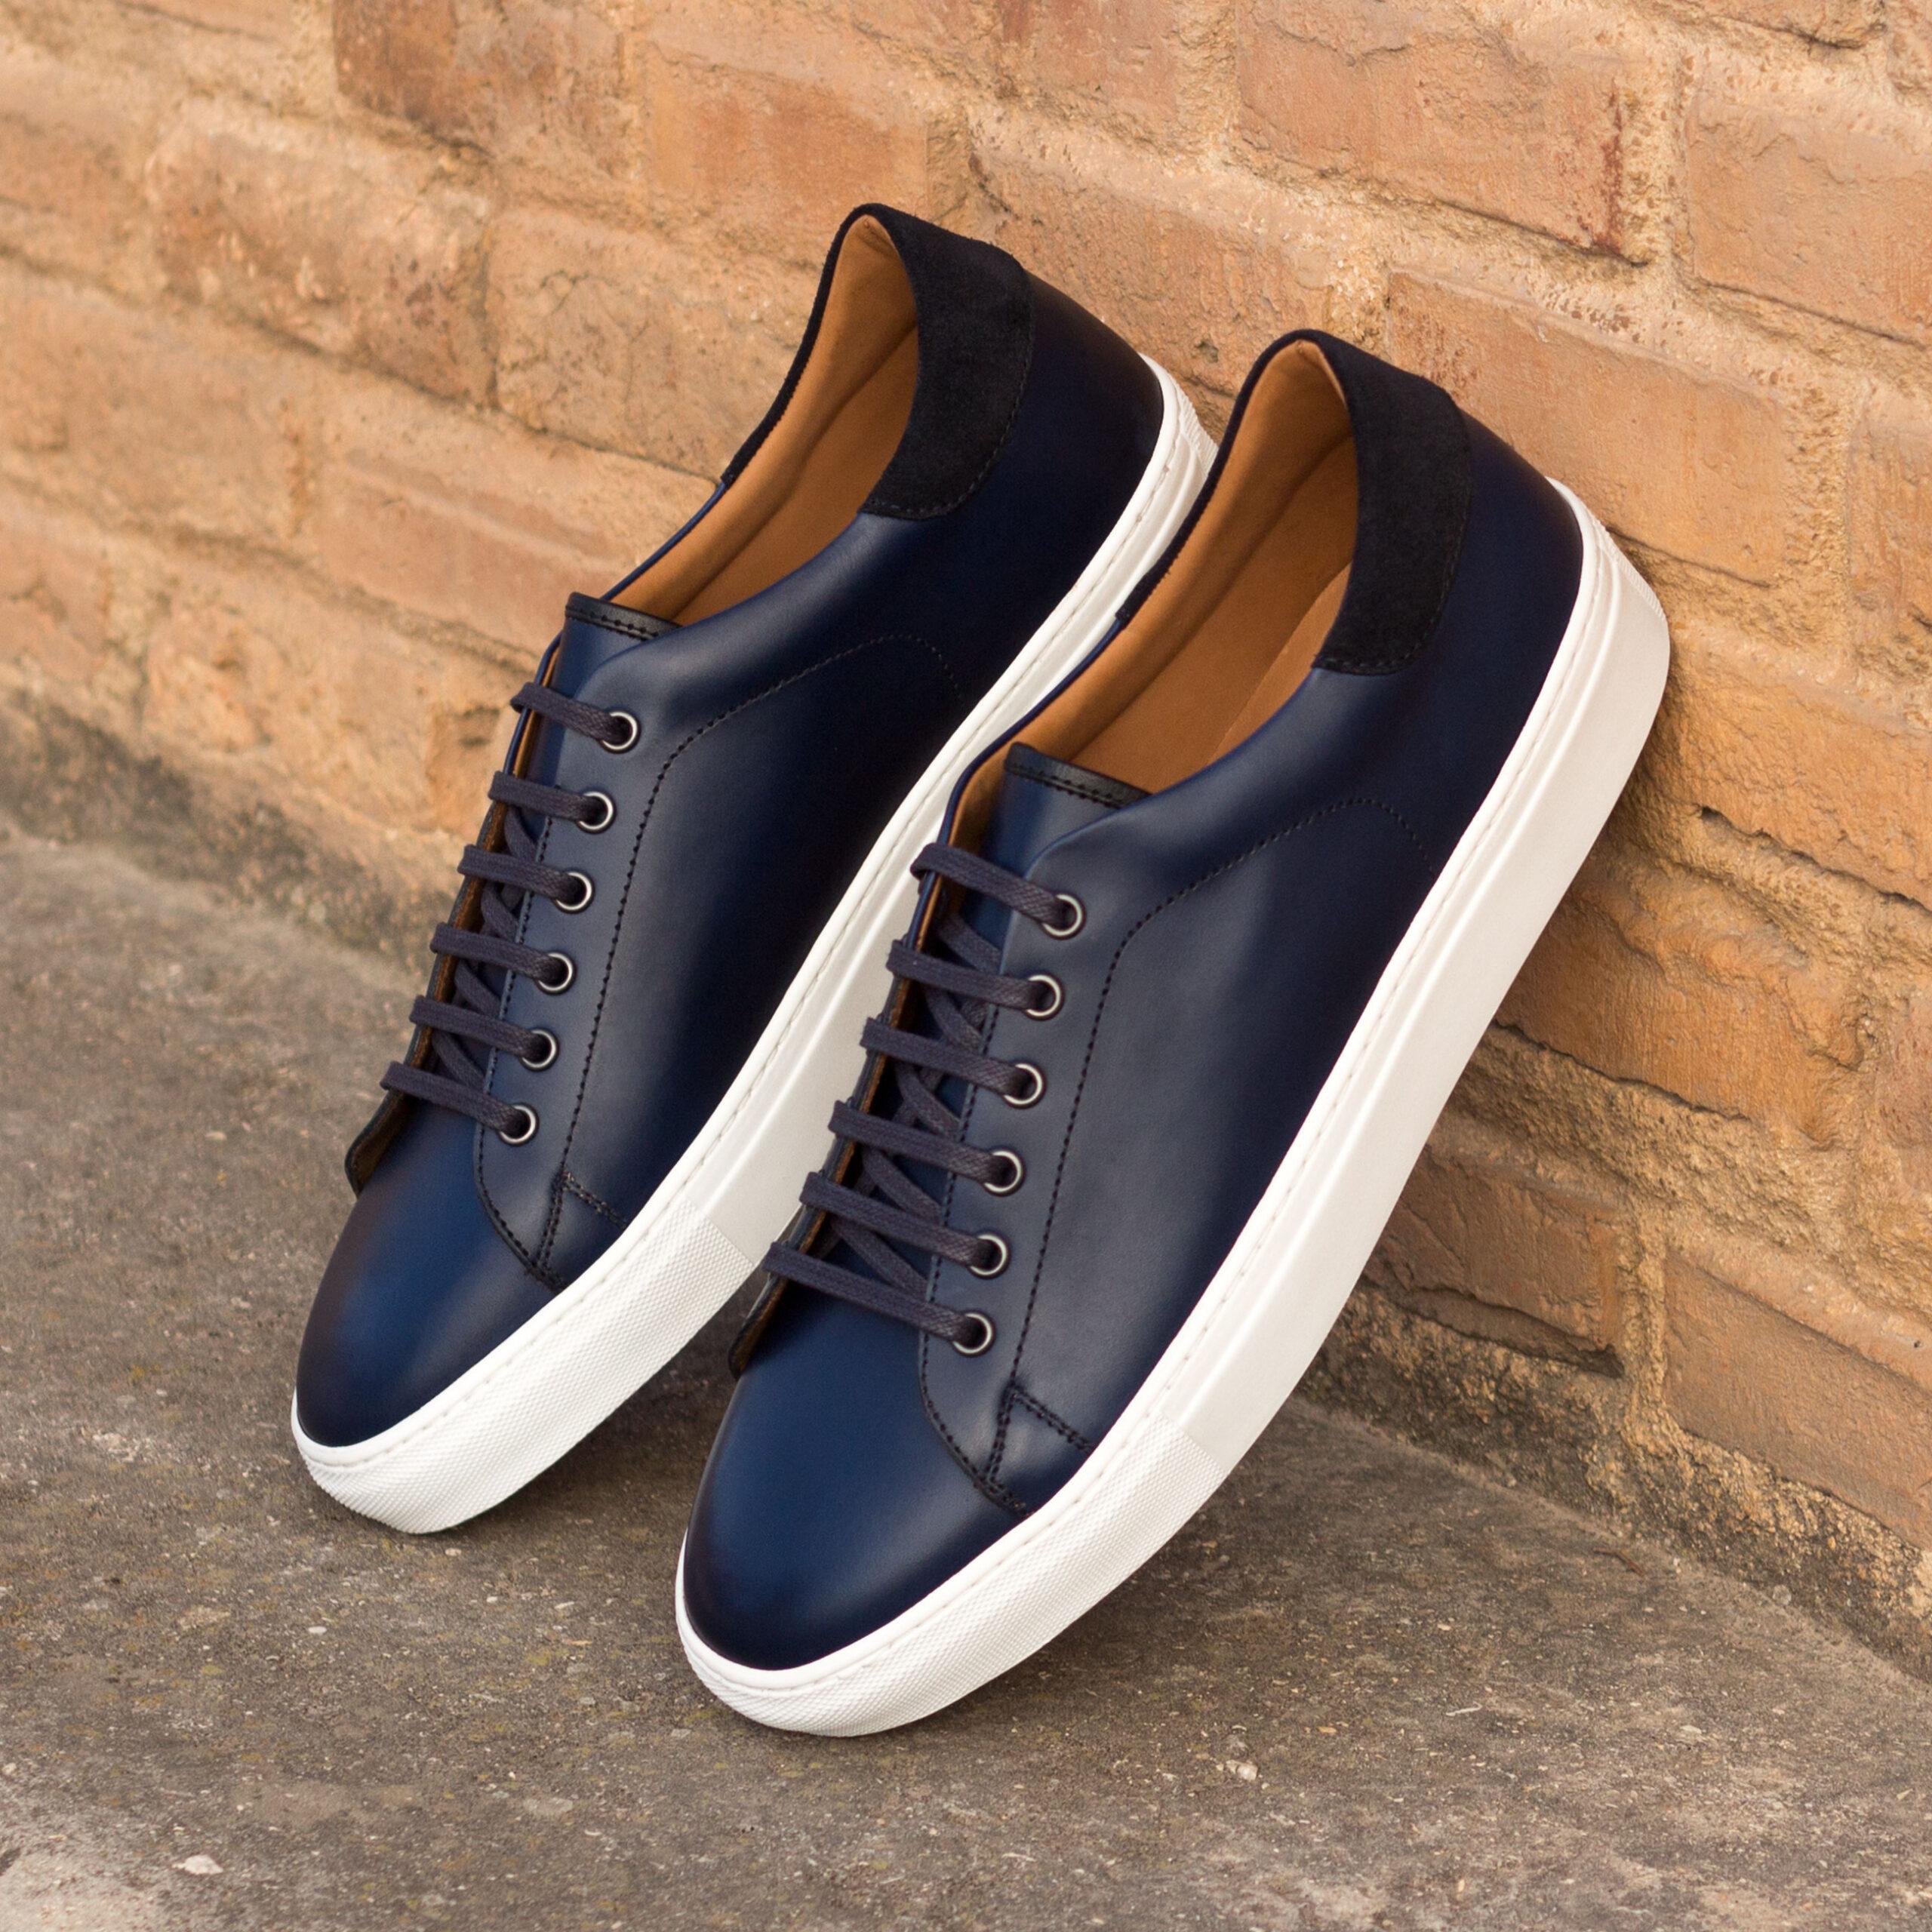 Sneakers et baskets de luxe pour homme